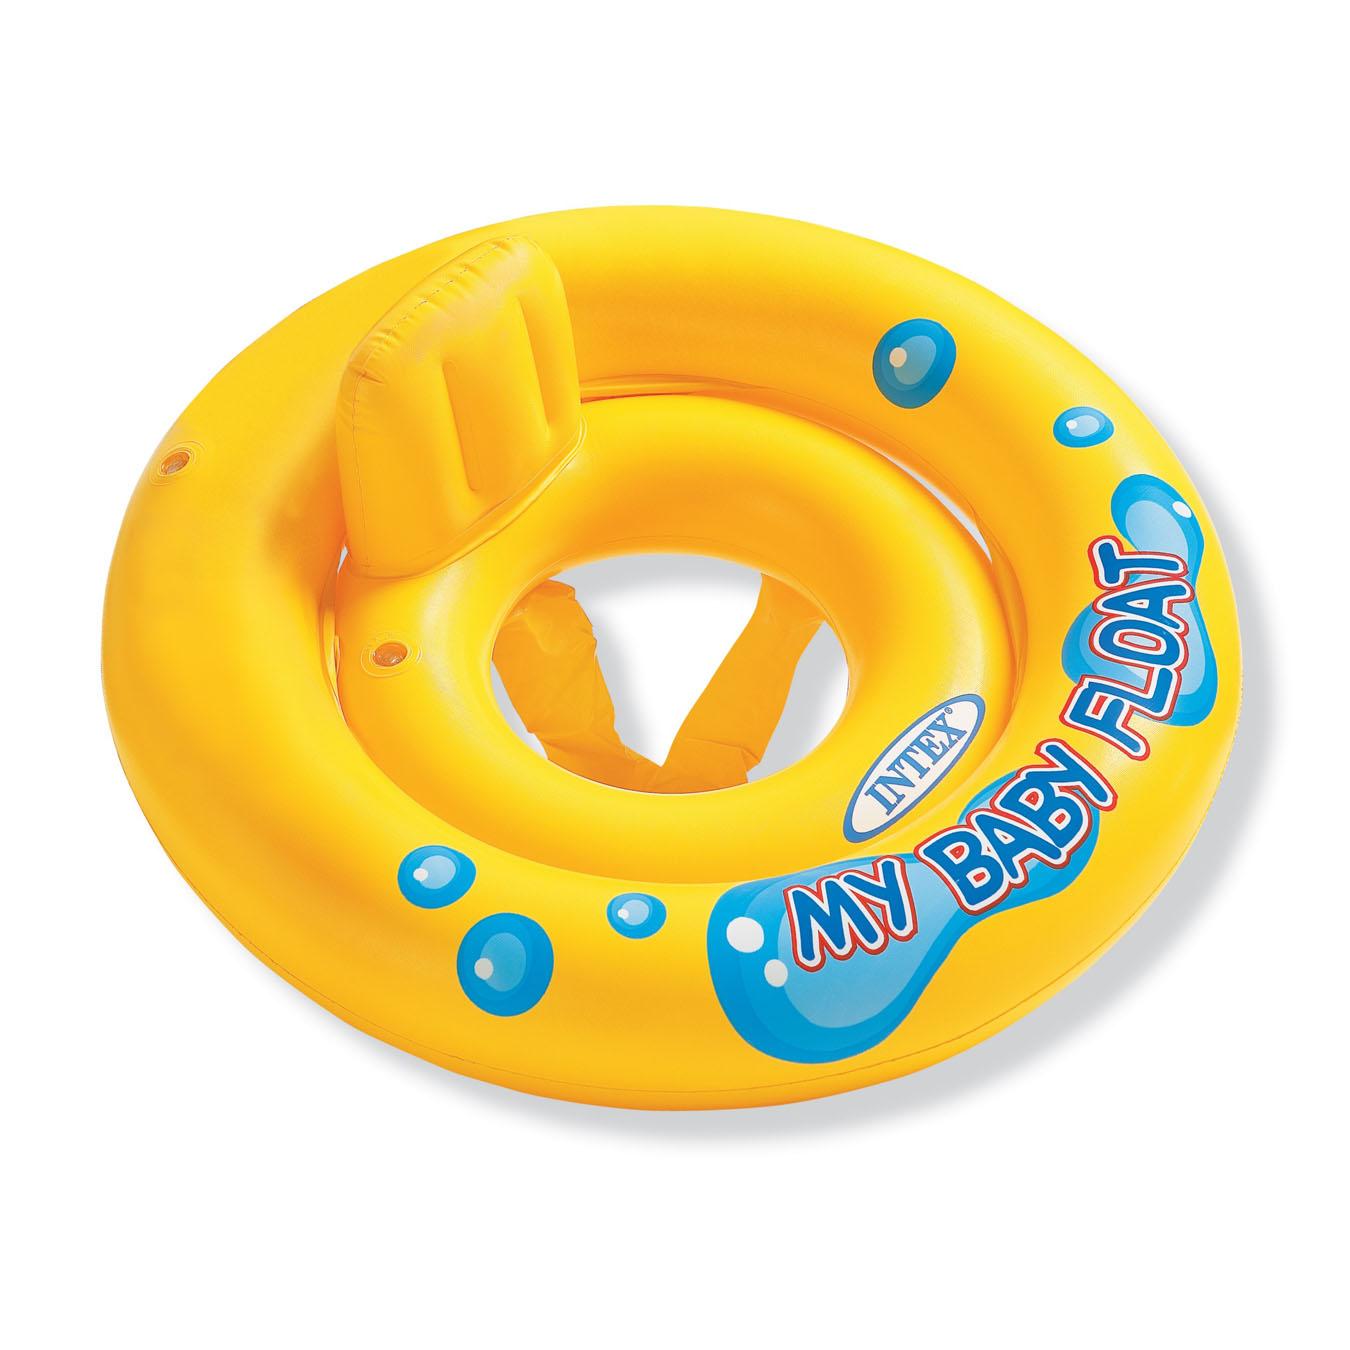 Круг надувной My Baby FloatНадувные животные, круги и матрацы<br>Круг надувной My Baby Float<br>